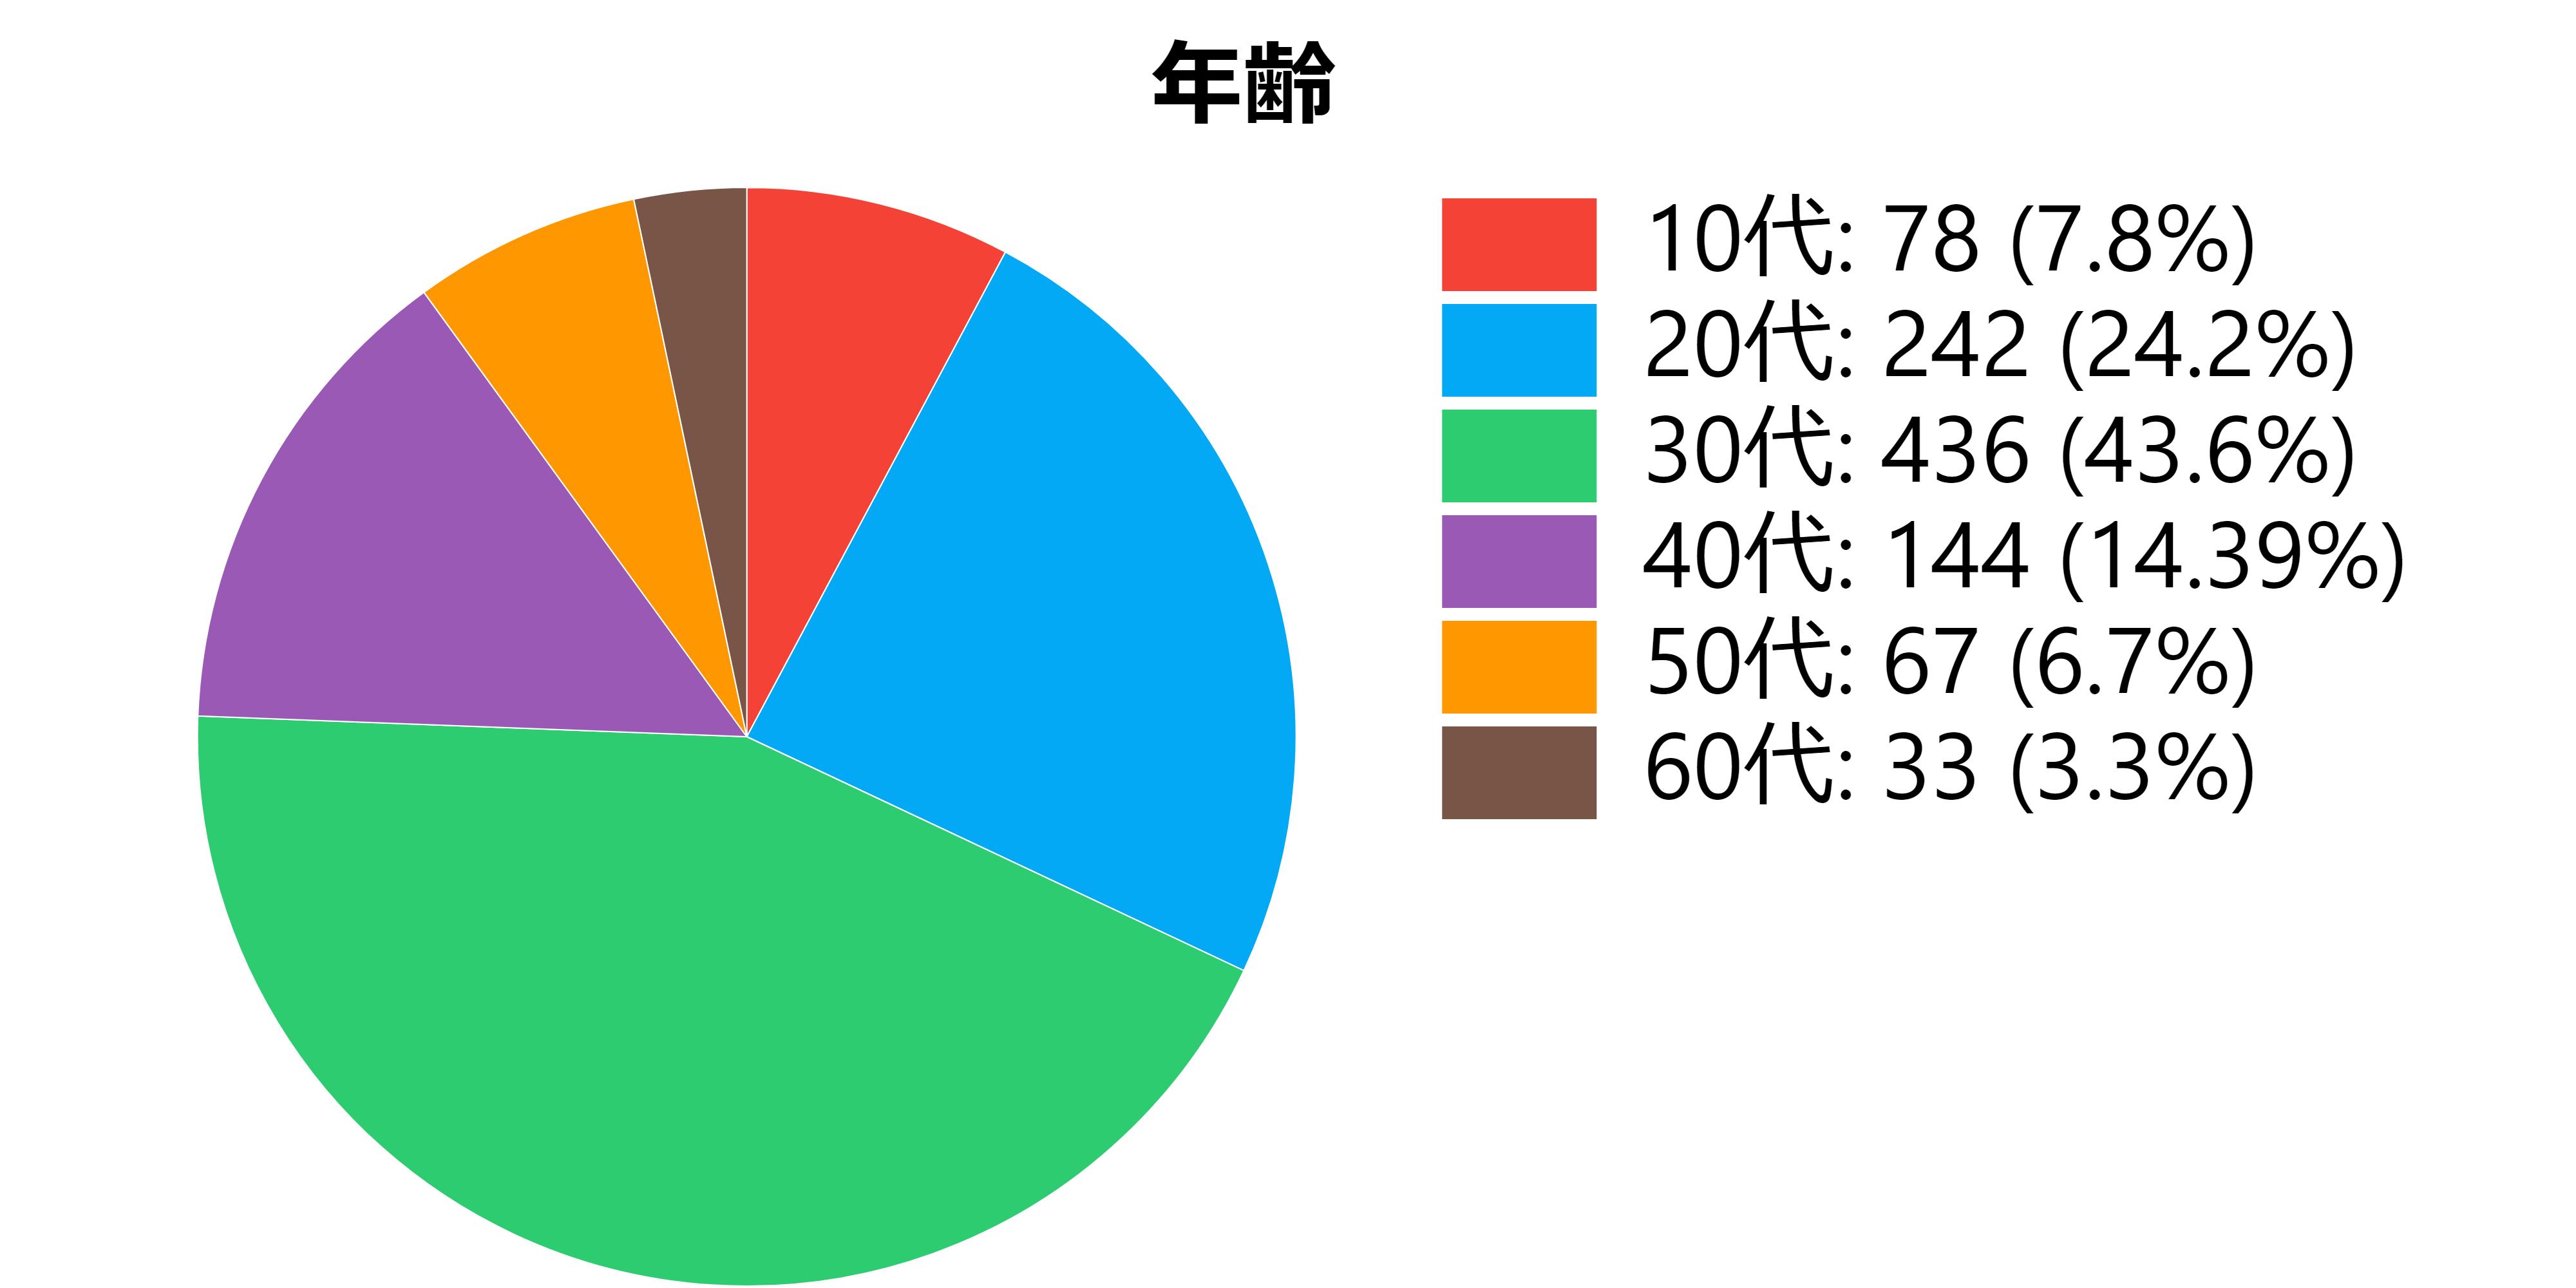 ジブリアンケートの年齢データ